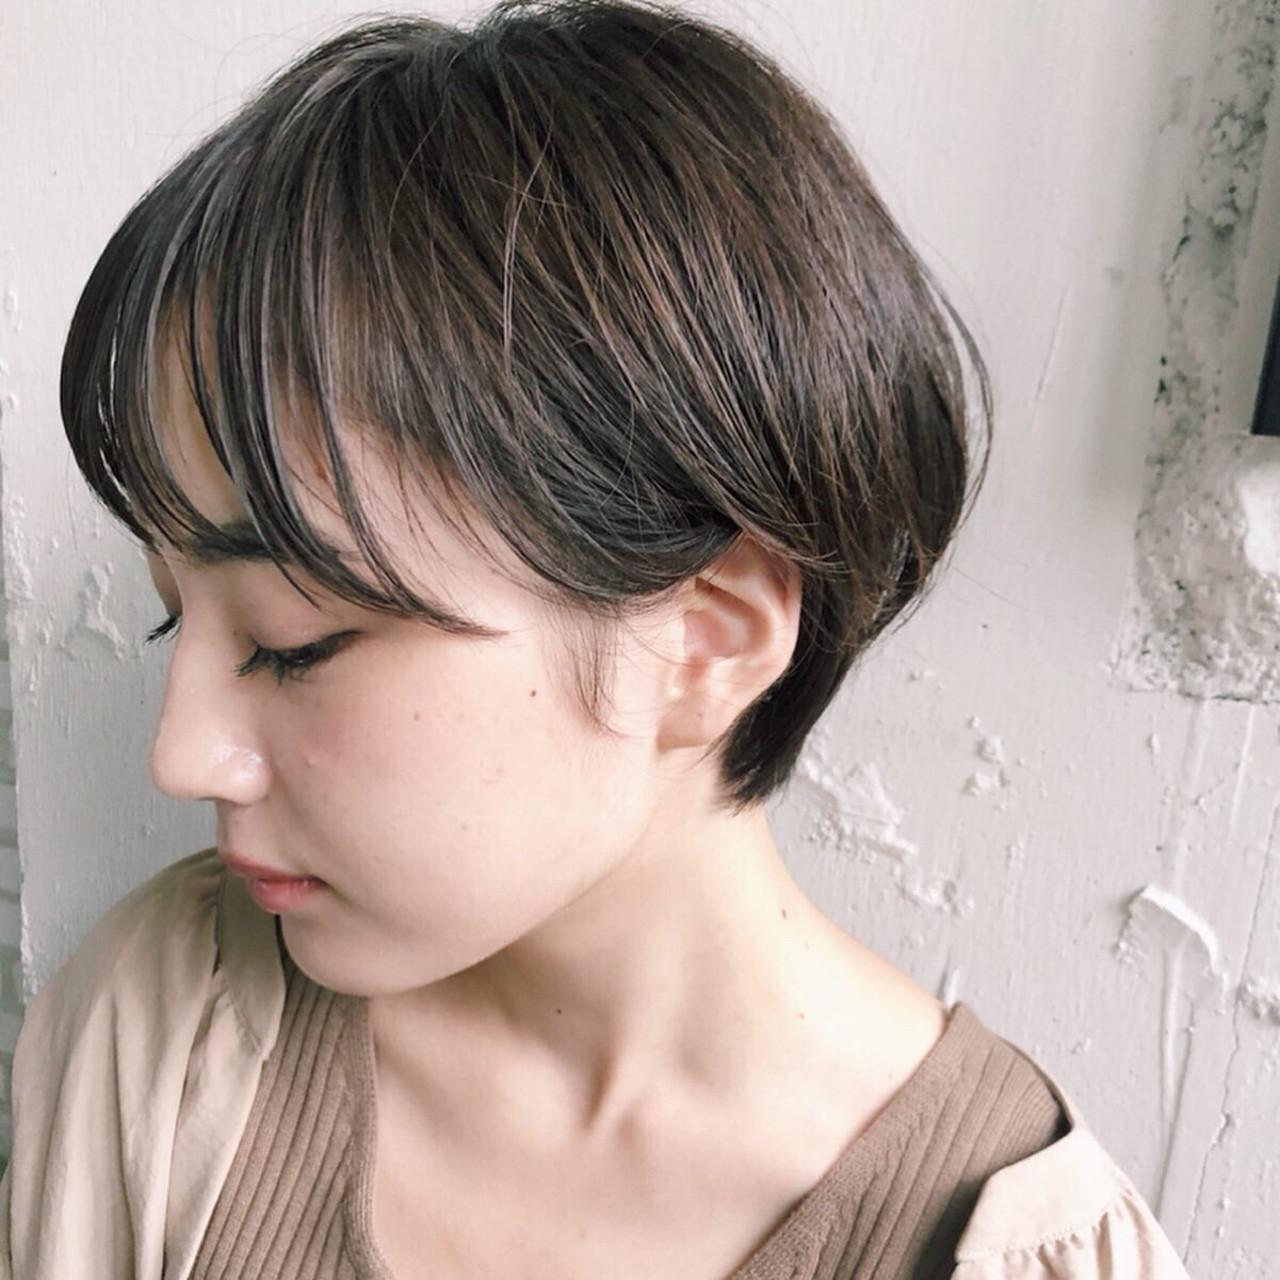 ハンサムショート 小顔ショート マッシュショート ミルクティーベージュ ヘアスタイルや髪型の写真・画像